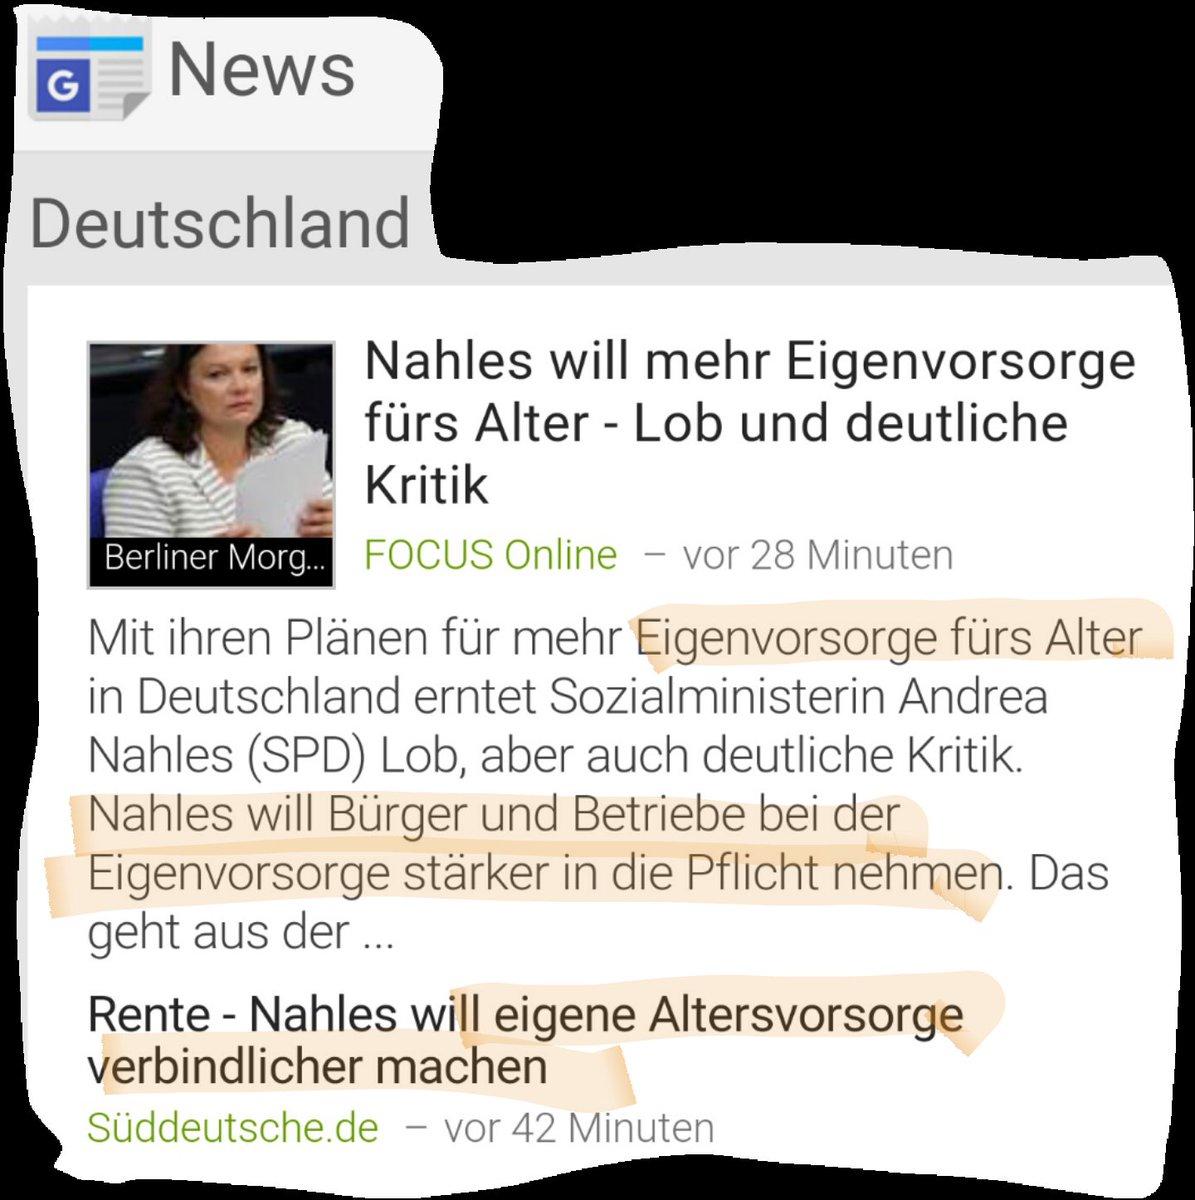 Sozialministerin Andrea Nahles SPD will die Bürger weiter ausquetschen. Elitäre antideutsche Vampirpolitik. Deutsche sollen mehr für Altersvorsorge tun. Wozu also unsere Retter, die Migranten? #Date:06.2016#